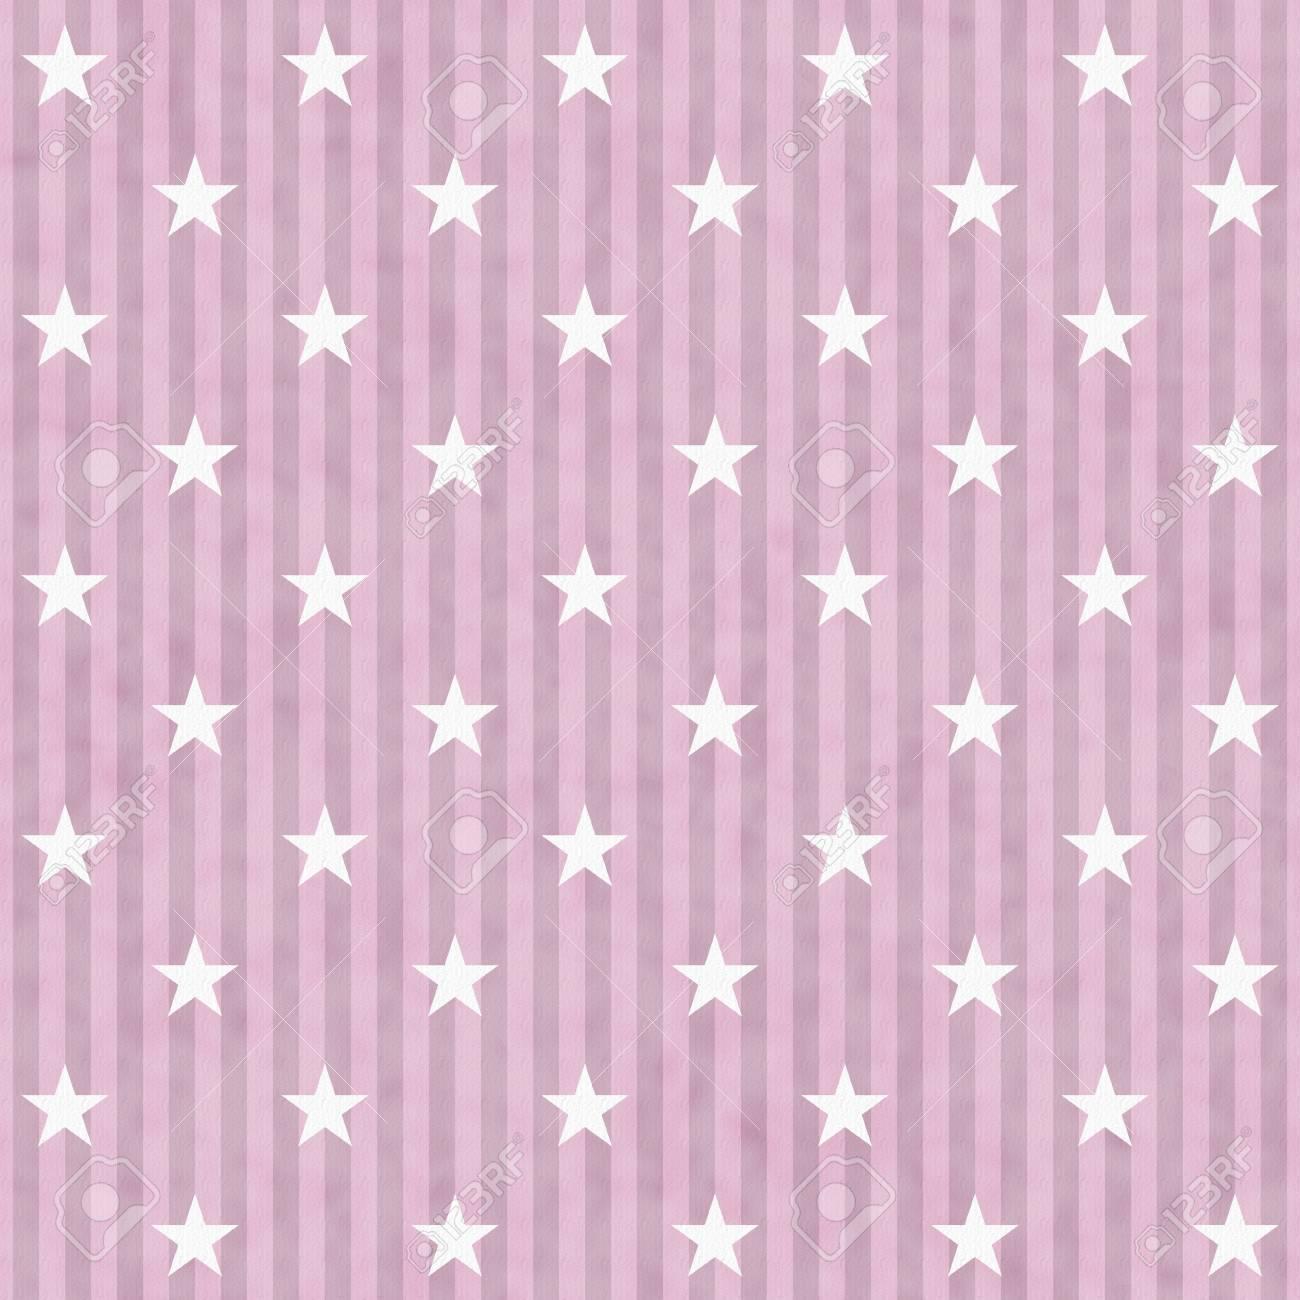 Immagini Stock Rosa E Bianco A Stelle E Strisce Sfondo Tessuto Che